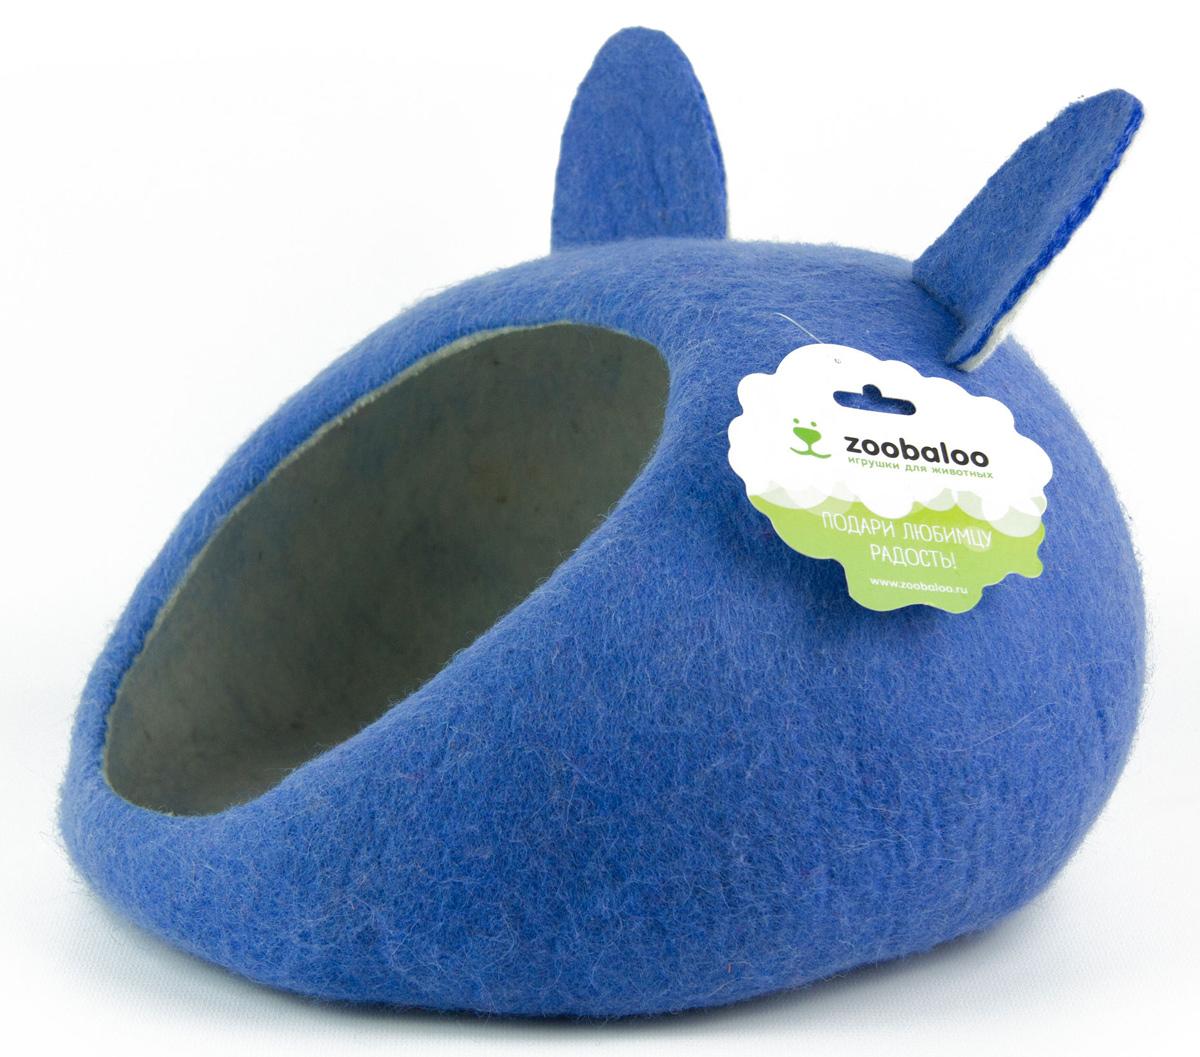 Домик-слипер для животных Zoobaloo WoolPetHouse, с ушками, цвет: синий, размер L0120710Домик-слипер Zoobaloo WoolPetHouse предназначен для отдыха и сна питомца. Домик изготовлен из 100% шерсти мериноса. Учтены все особенности животного сна: форма, цвет, материал этого домика - все подобрано как нельзя лучше! В нем ваш любимец будет видеть только цветные сны. Шерсть мериноса обеспечит превосходный микроклимат внутри домика, а его форма позволит питомцу засыпать в самой естественной позе.